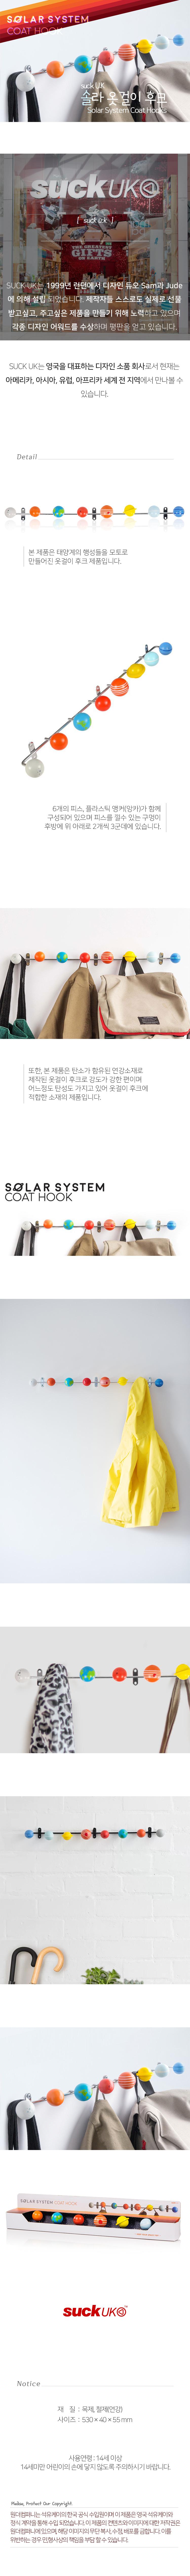 [썩유케이] 태양계 벽 옷걸이 행거 - 원더스토어, 69,000원, 아이디어 상품, 아이디어 상품